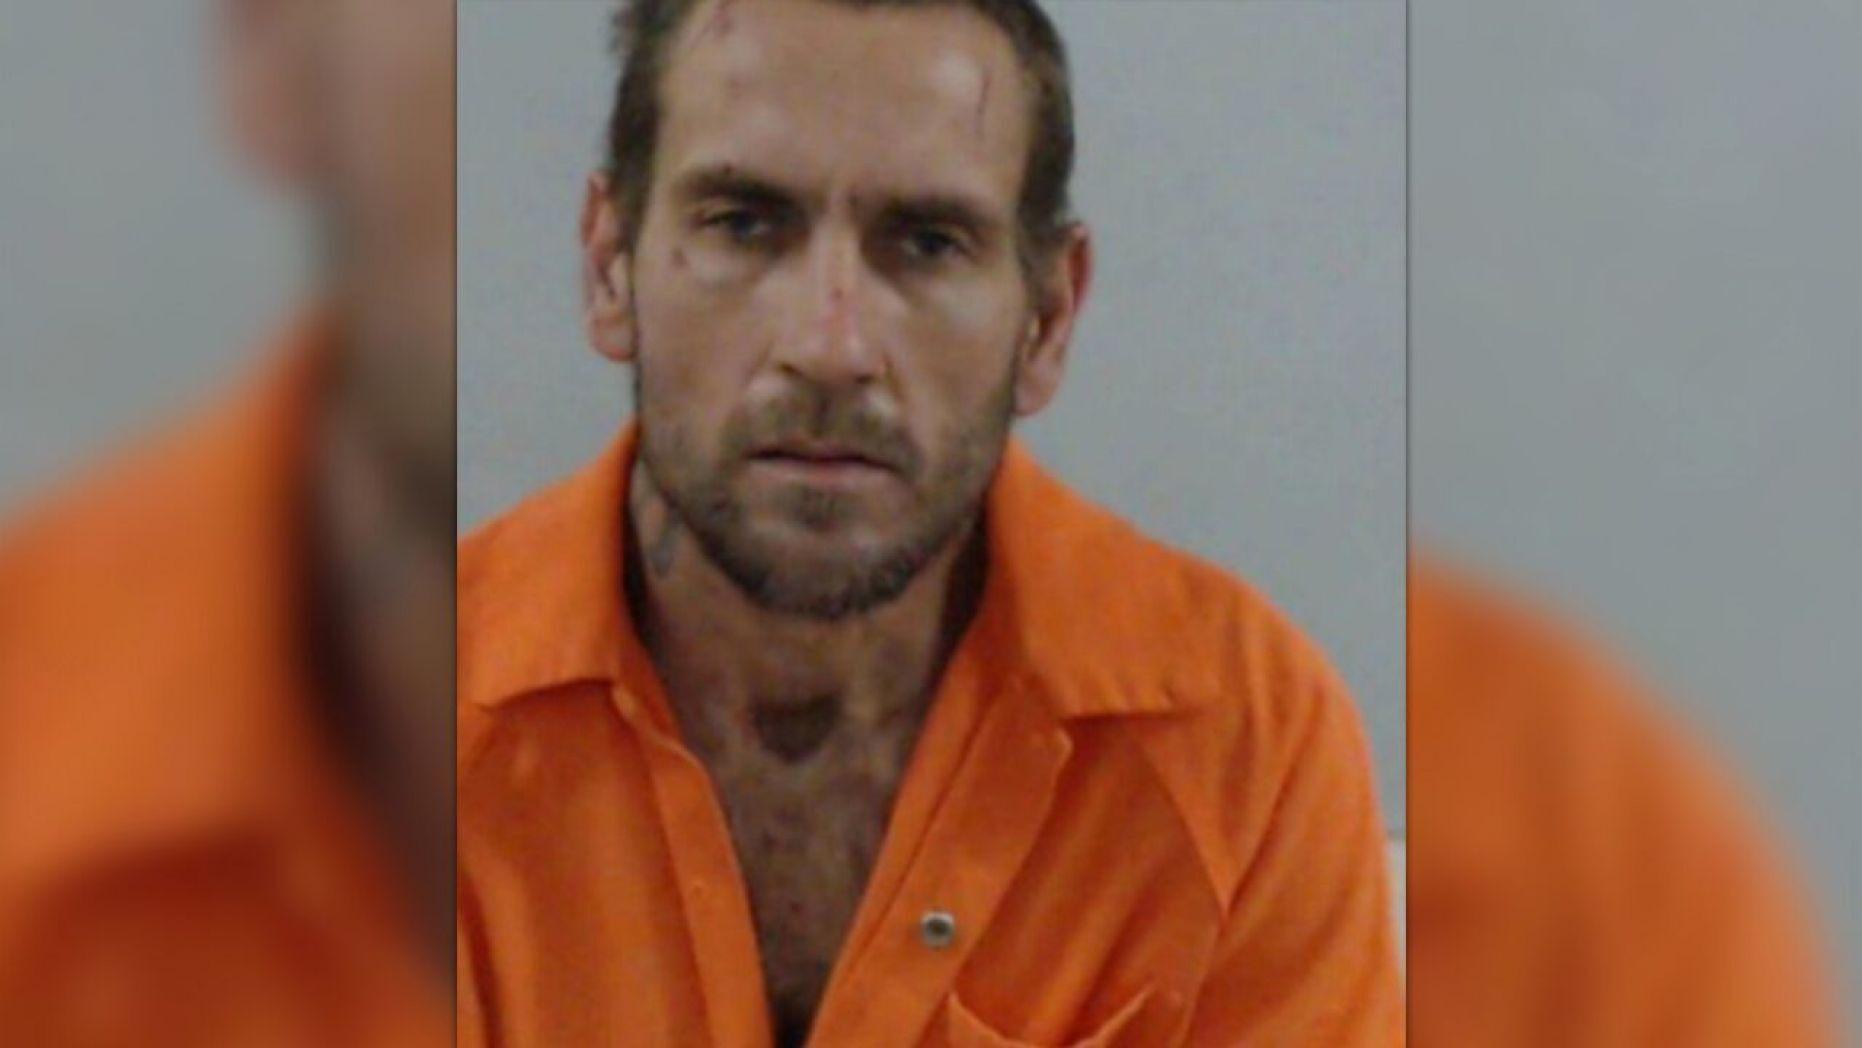 Задержанный мужчина. Фото FOX / Офис шерифа округа Колумбия